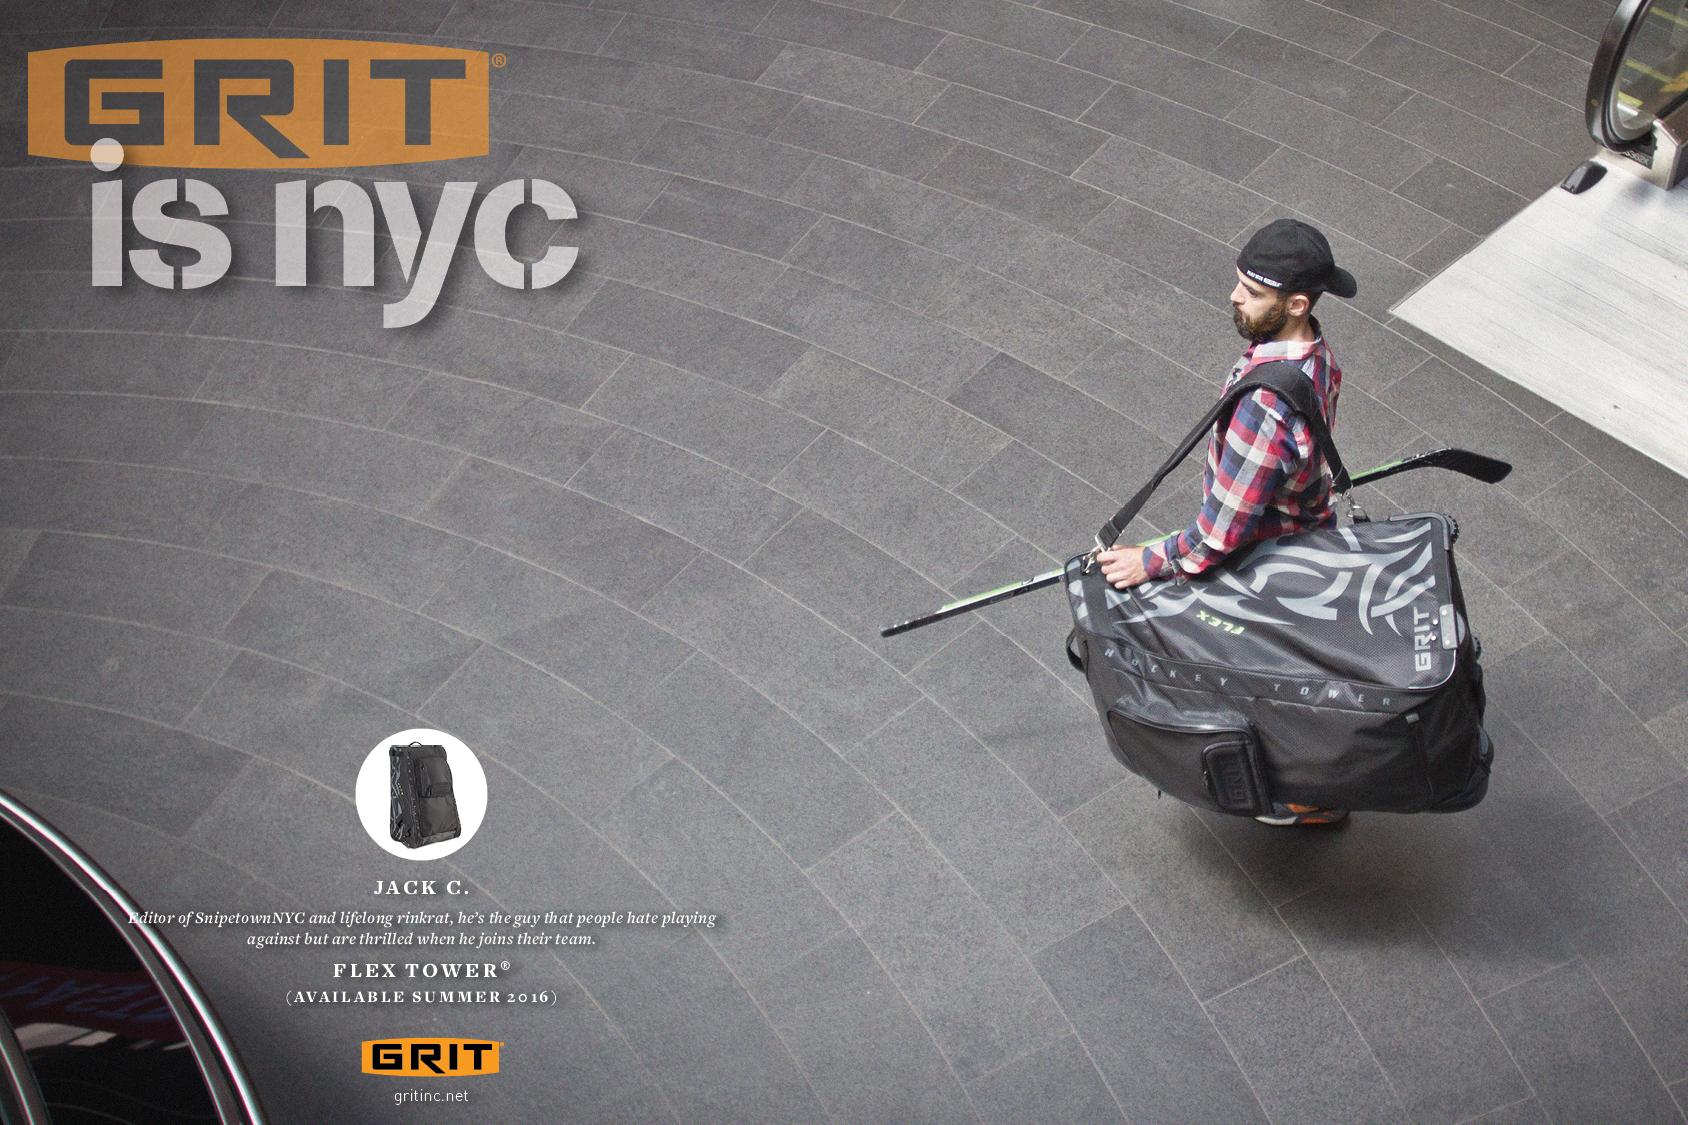 stnyc+grit3.jpg